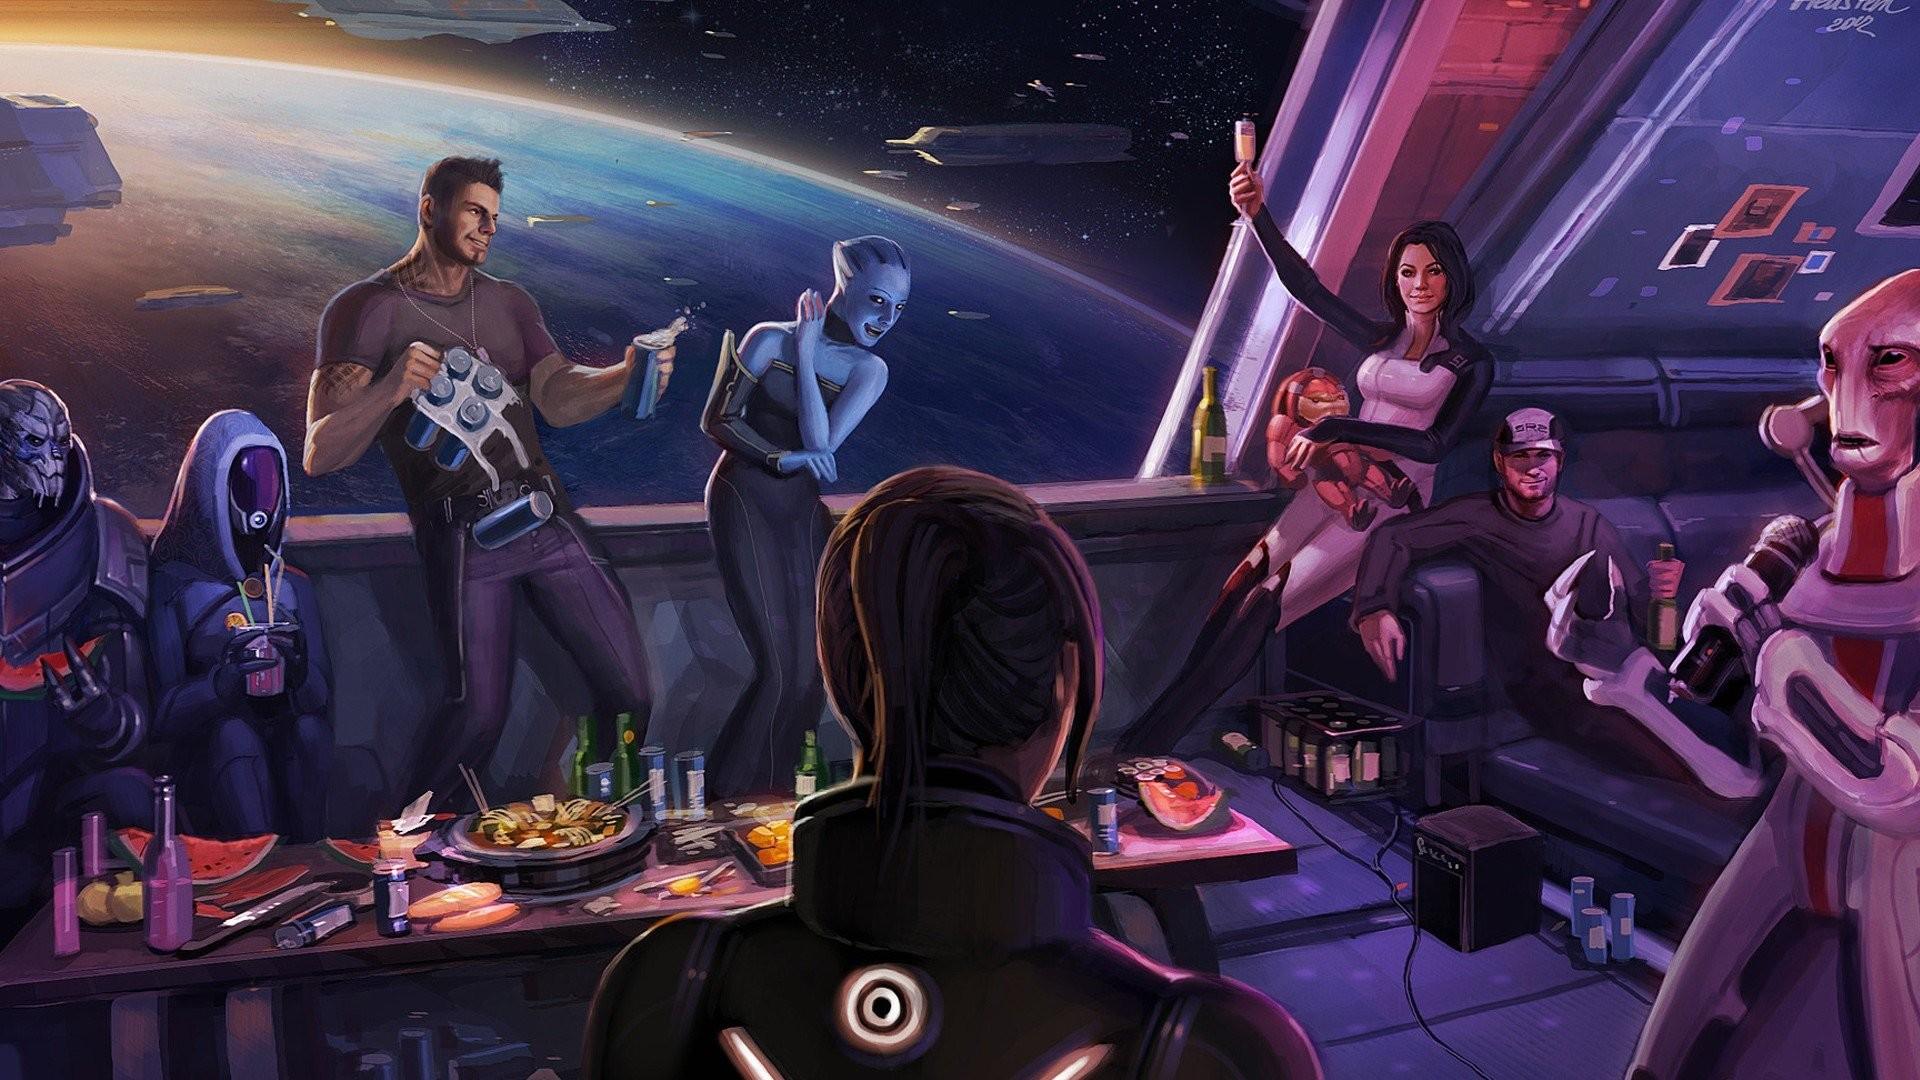 Women happy Mass Effect Mass Effect 3 FemShep Commander Shepard wallpaper |  | 299325 | WallpaperUP